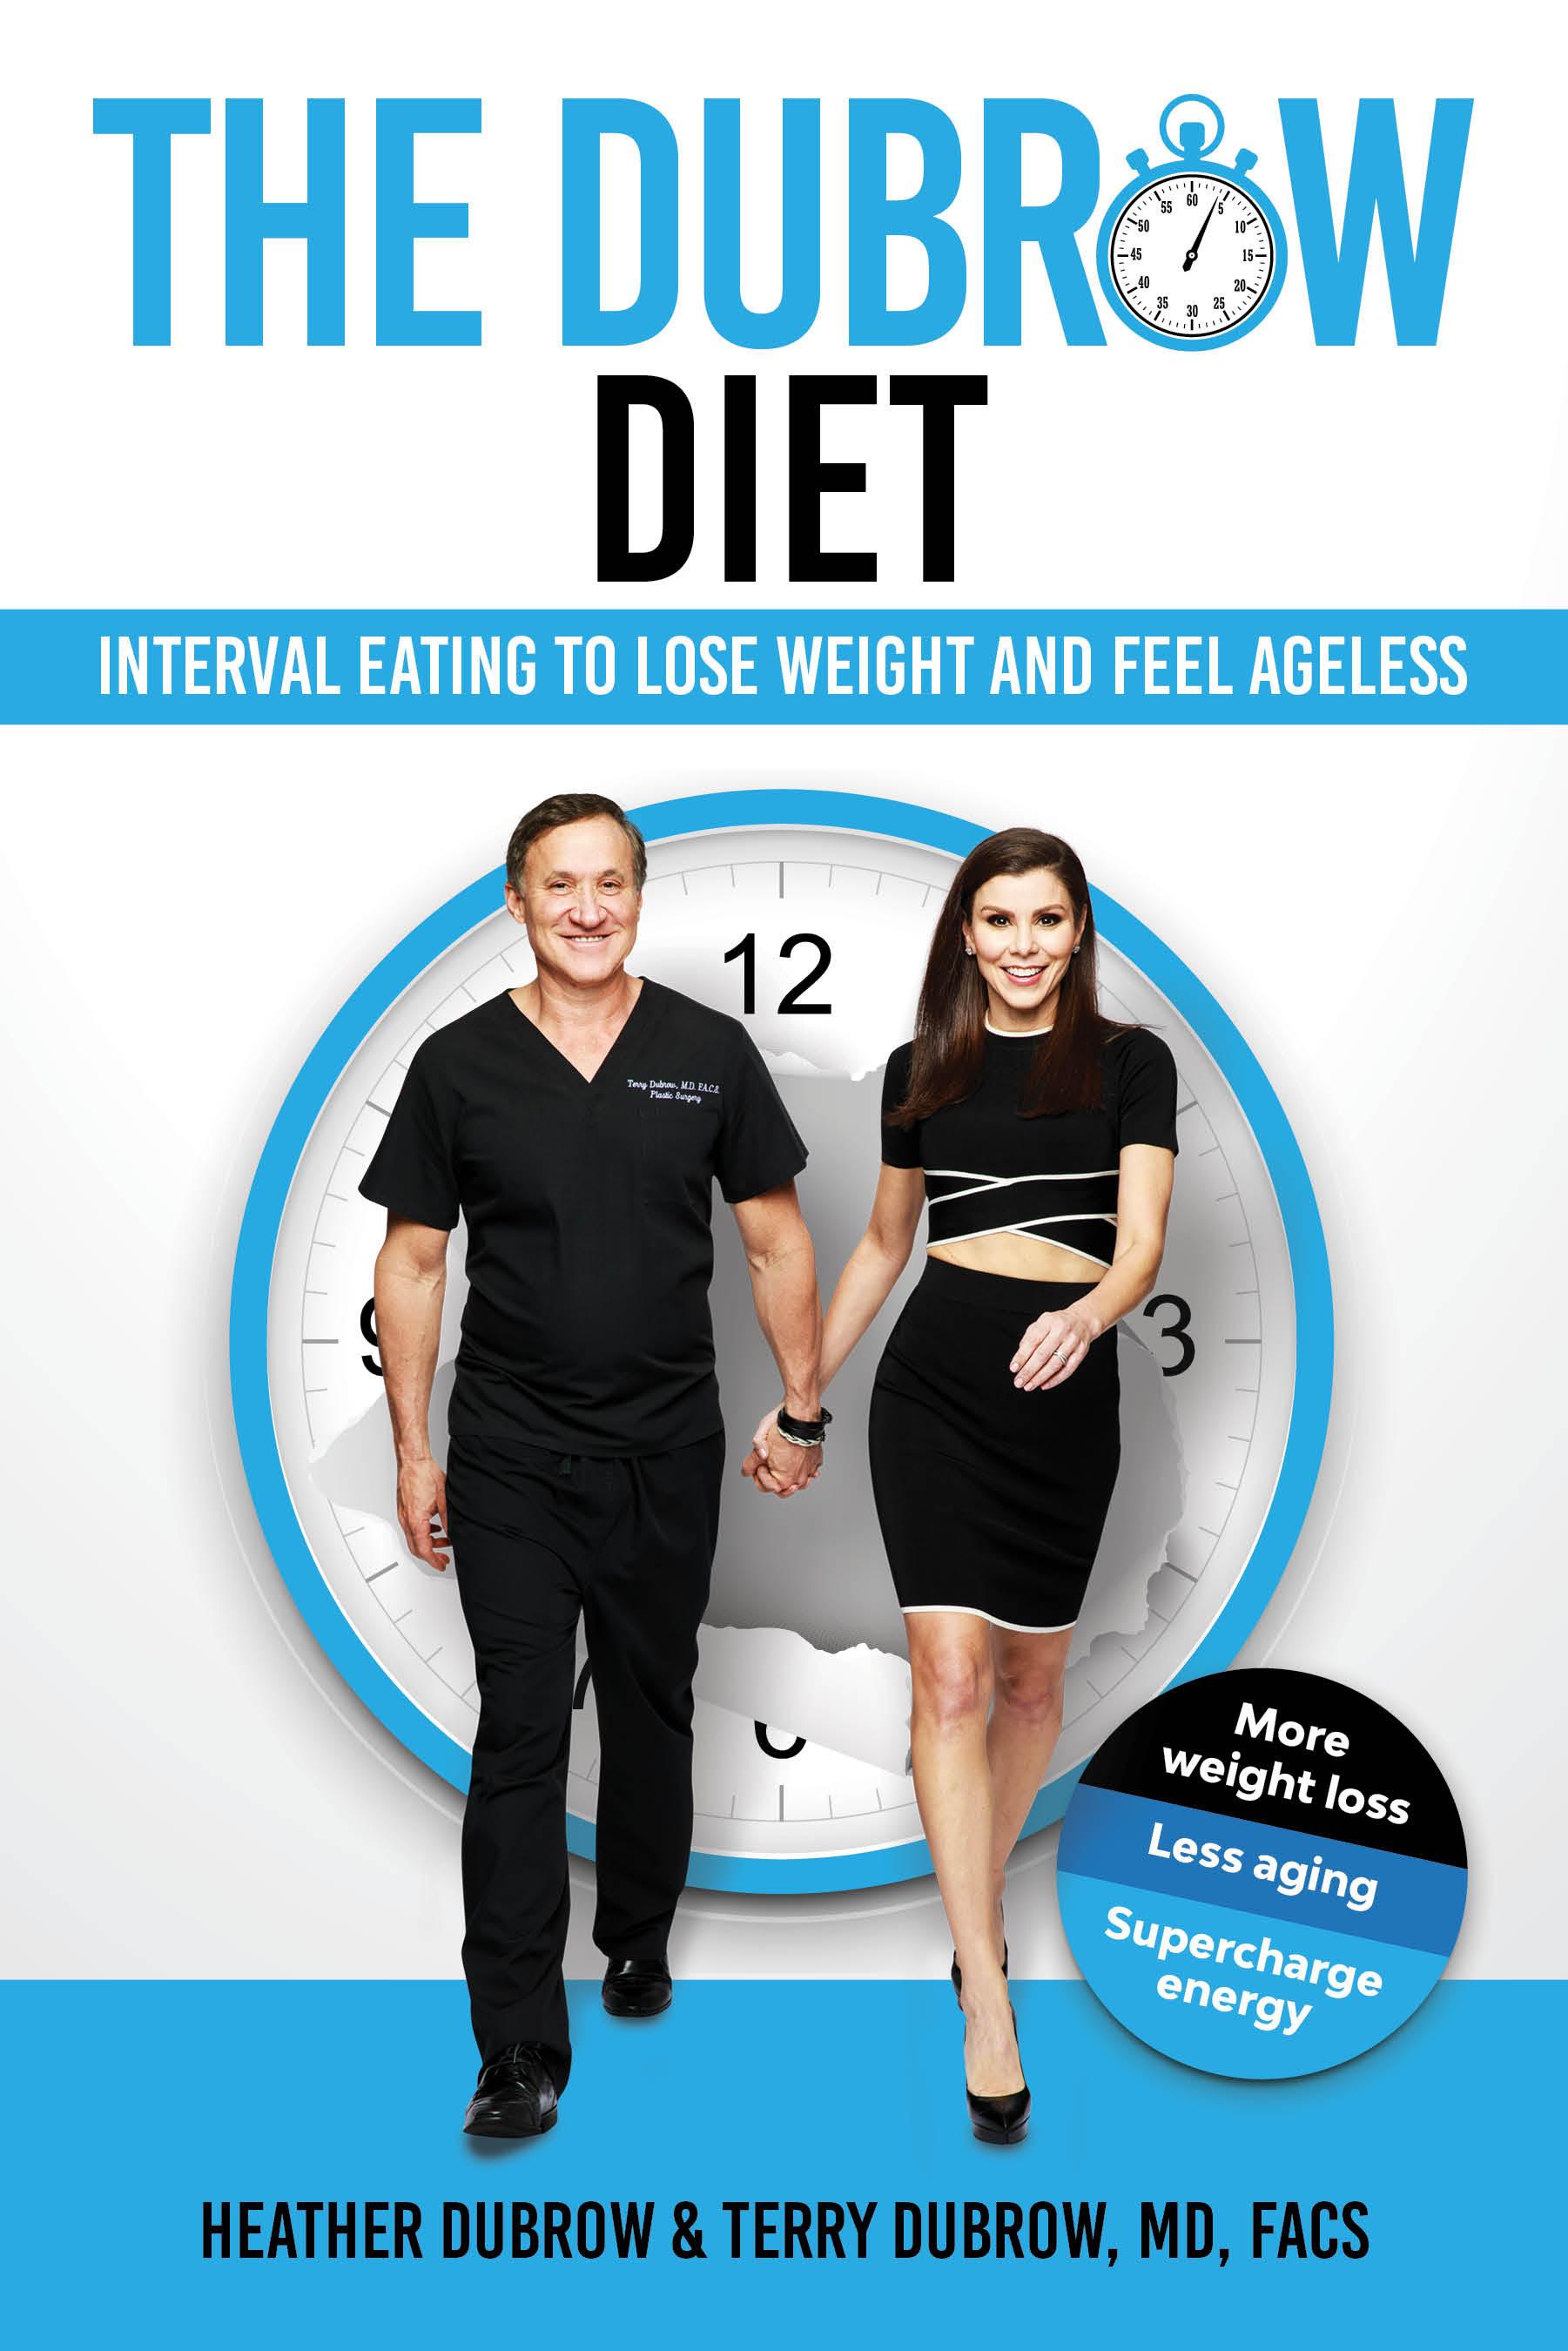 dubrow_diet.jpg